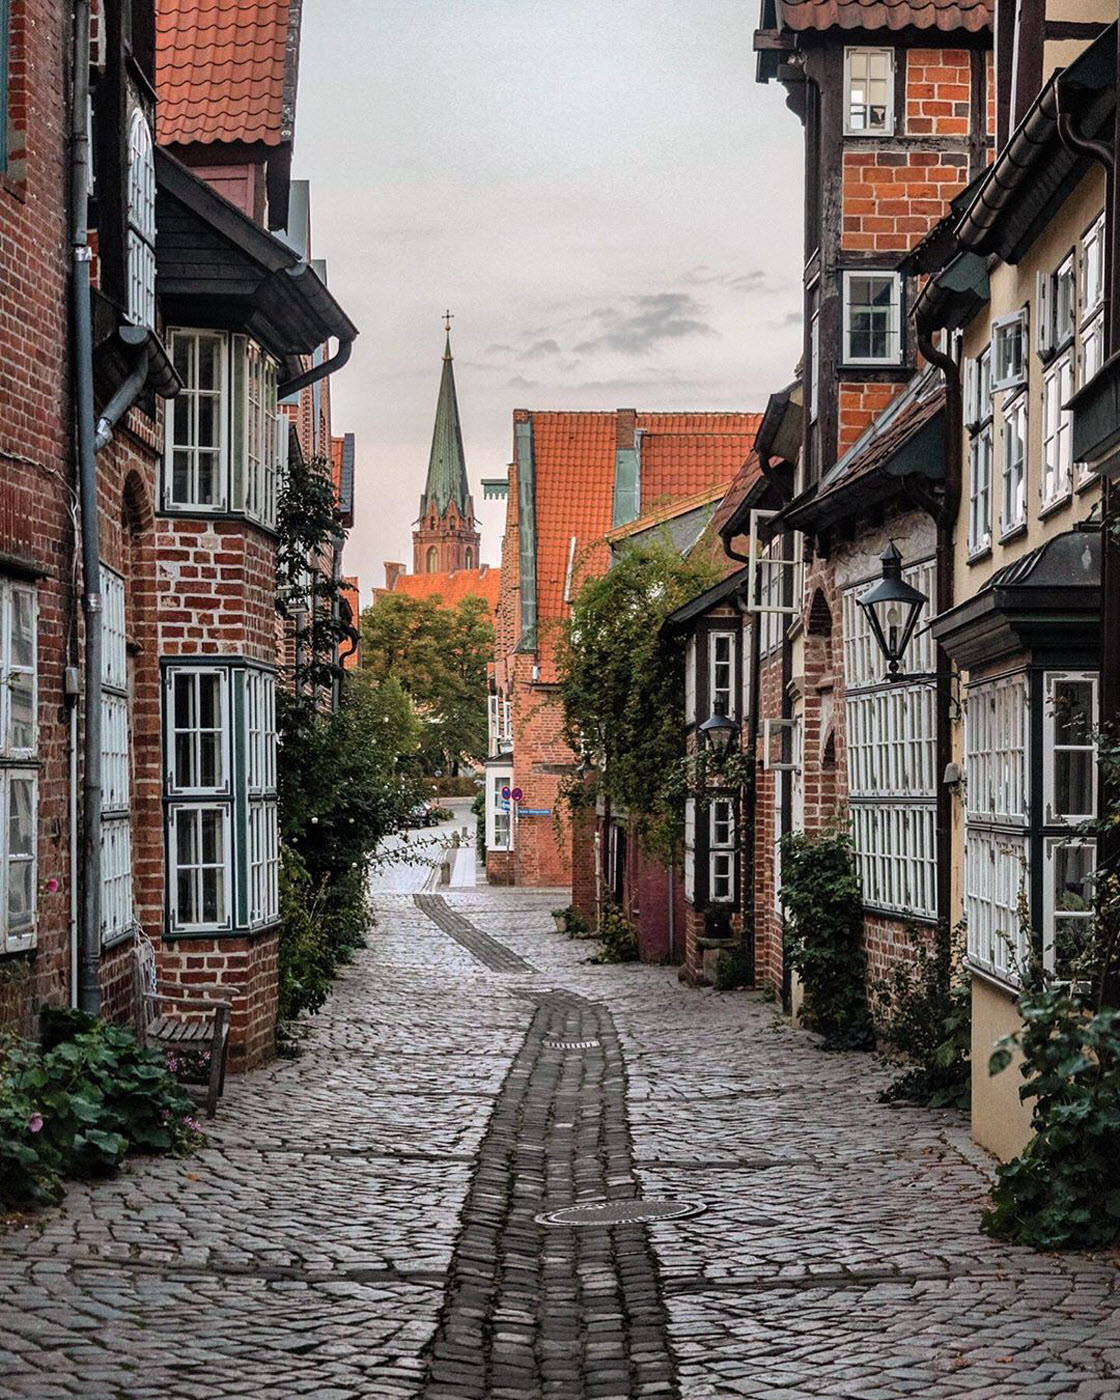 Городские пейзажи и уличная фотография Пьера Брауэра архитектура,город,дома,красота,пейзаж,постройки,путешествие